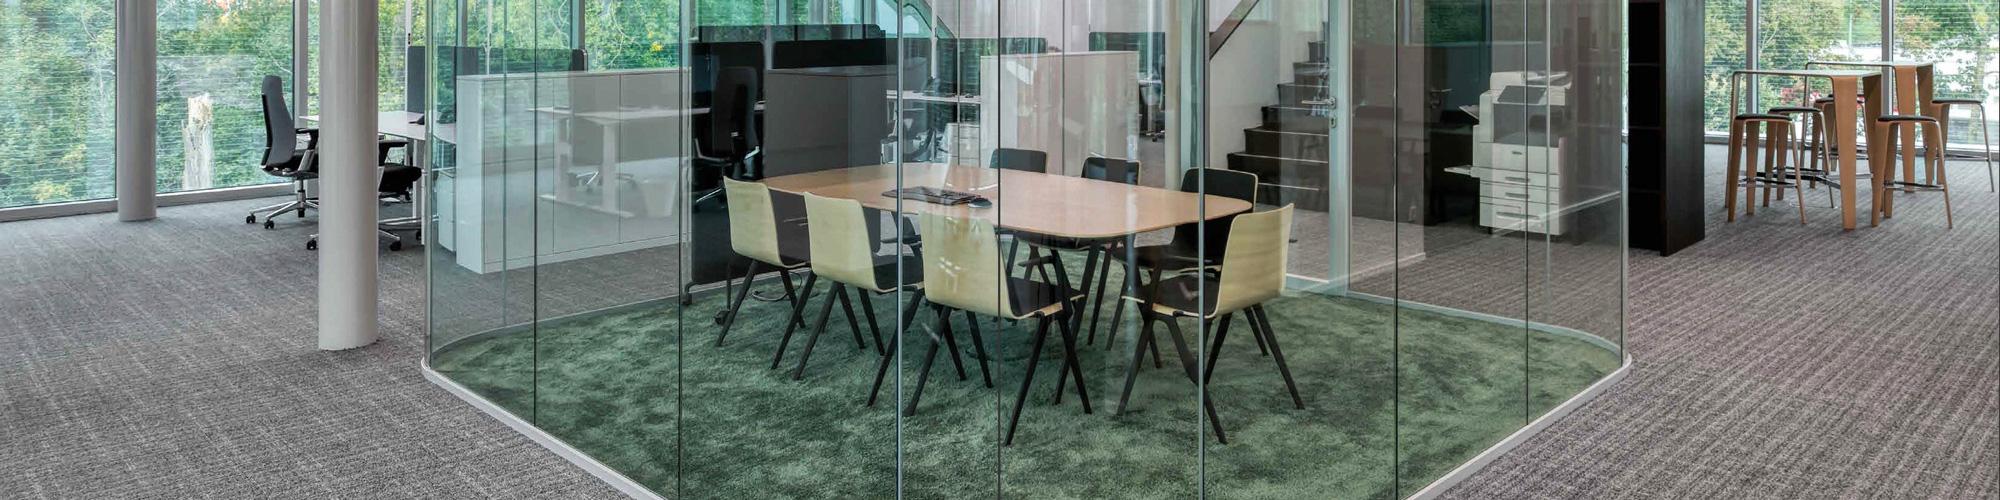 Trennwand aus Glas im Büro